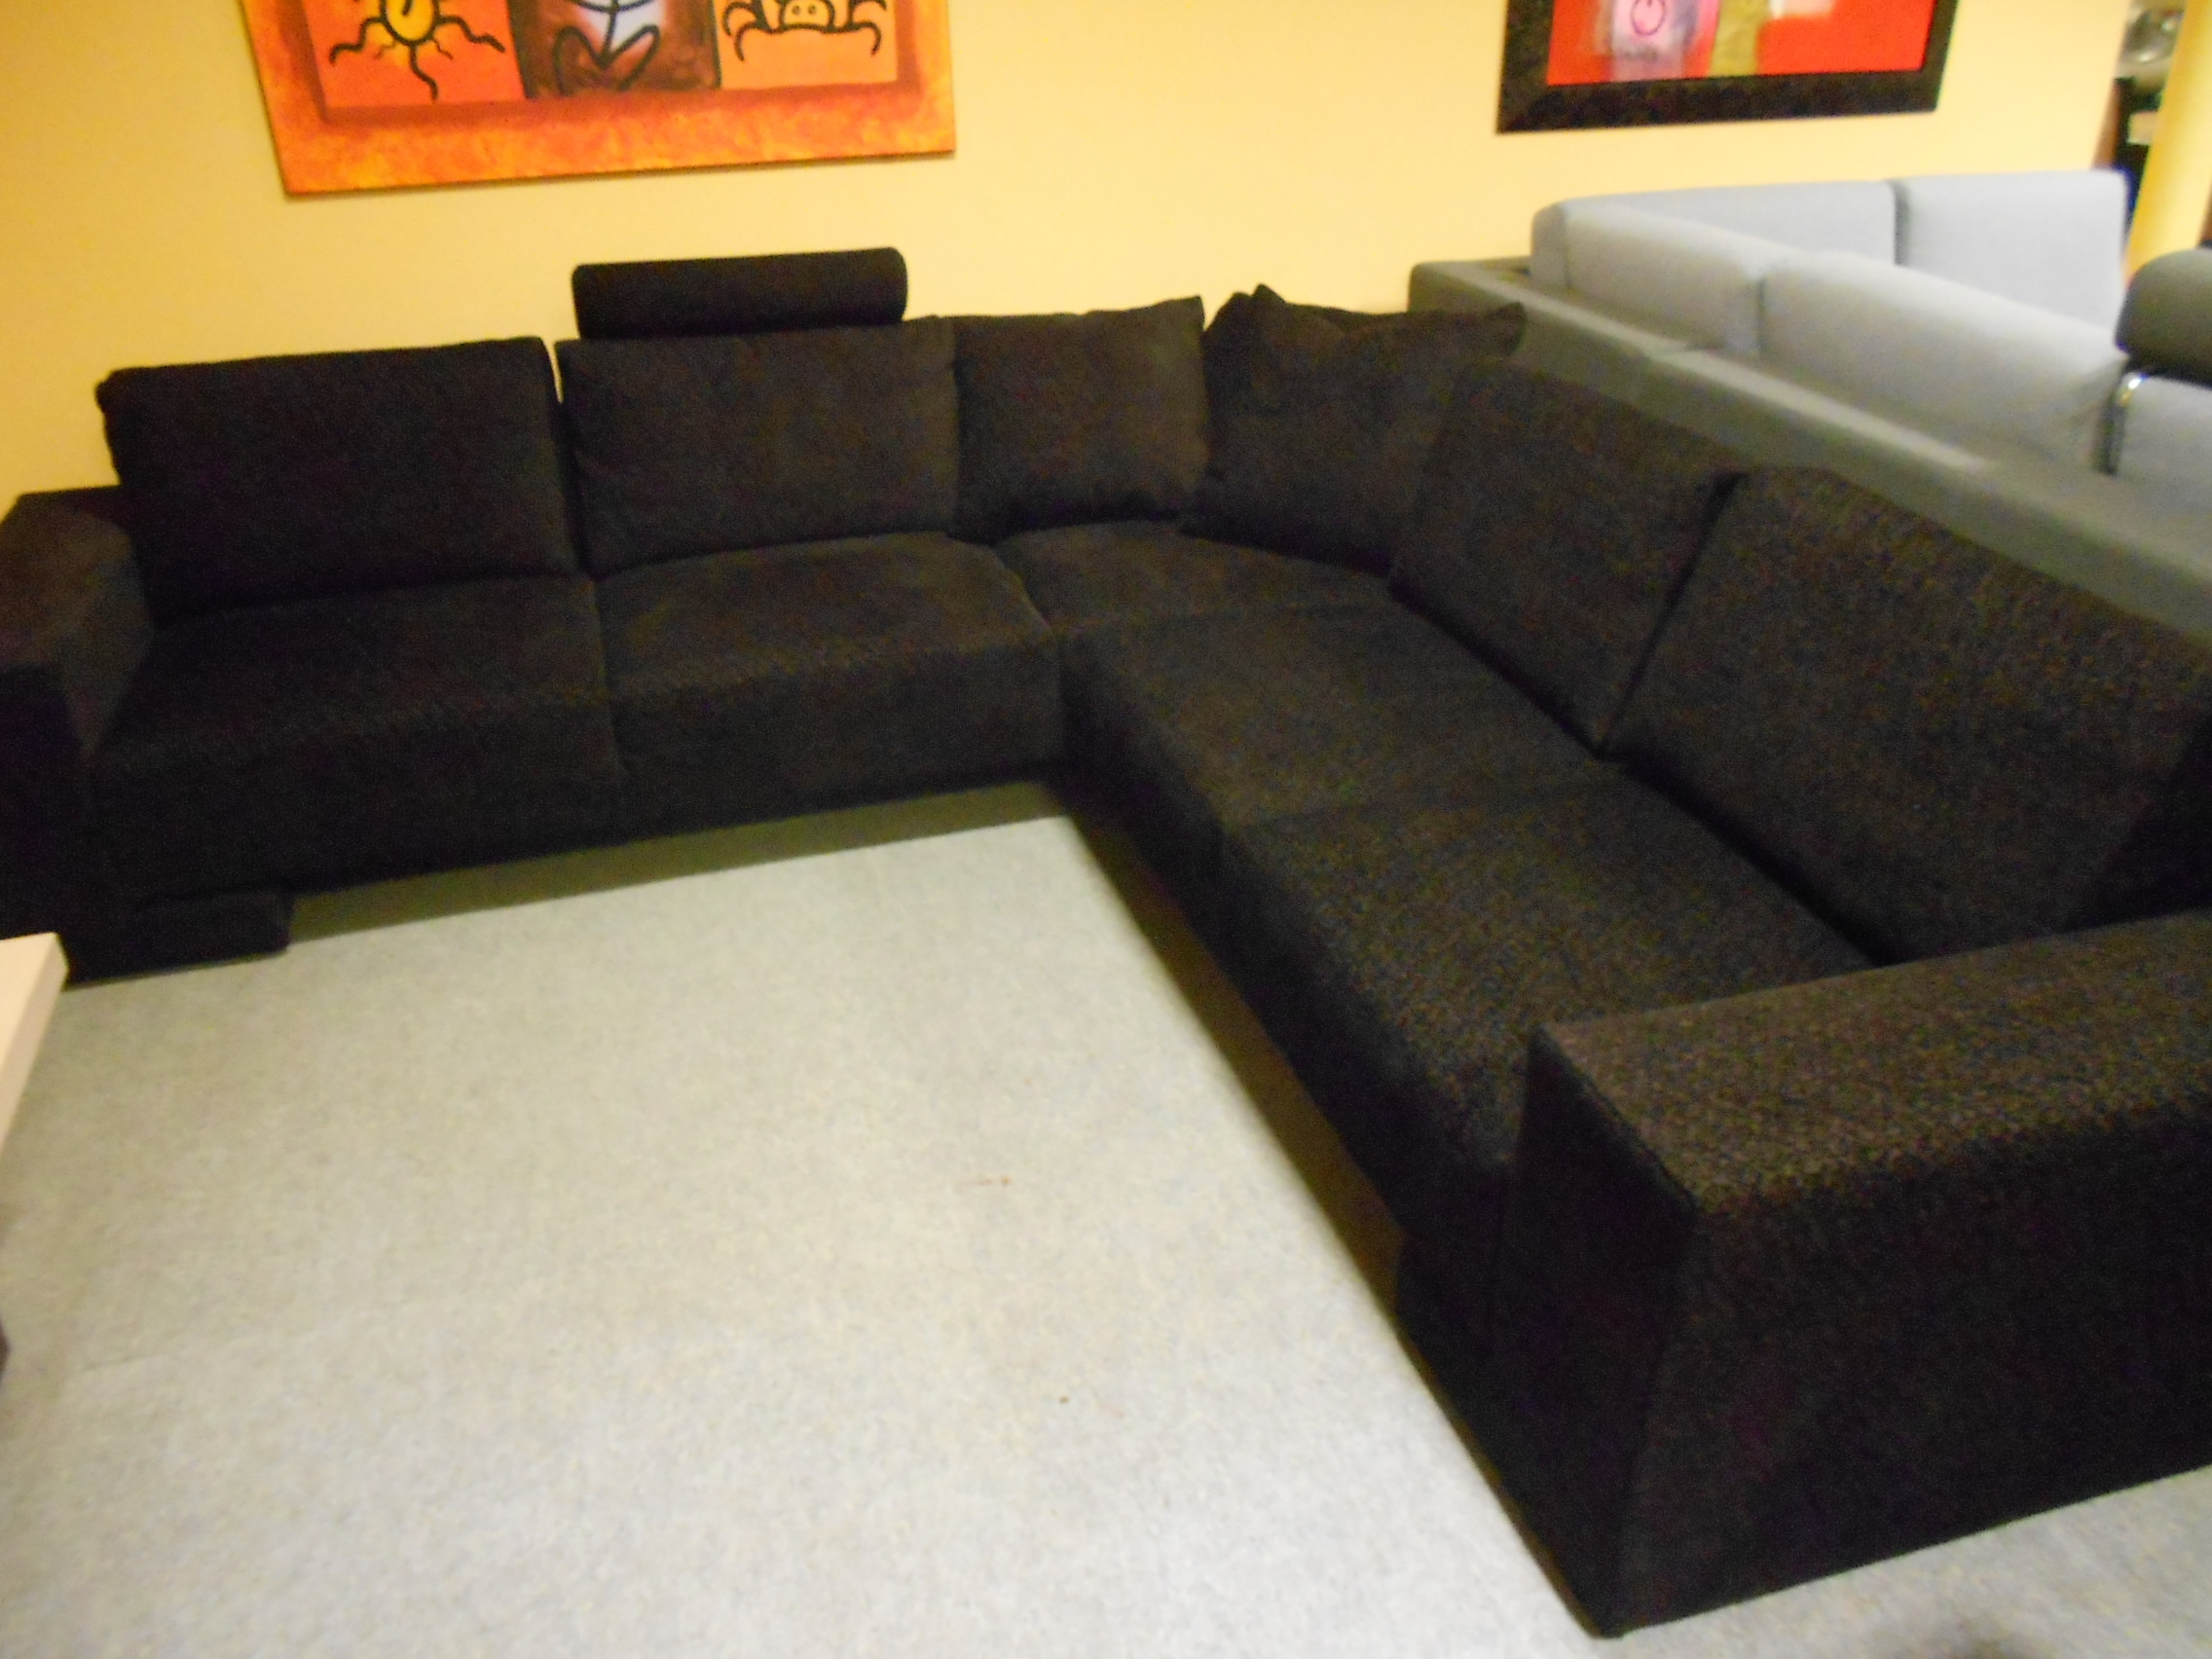 Divano dema divano ad angolo scontato del 59 divani a for Divano enorme